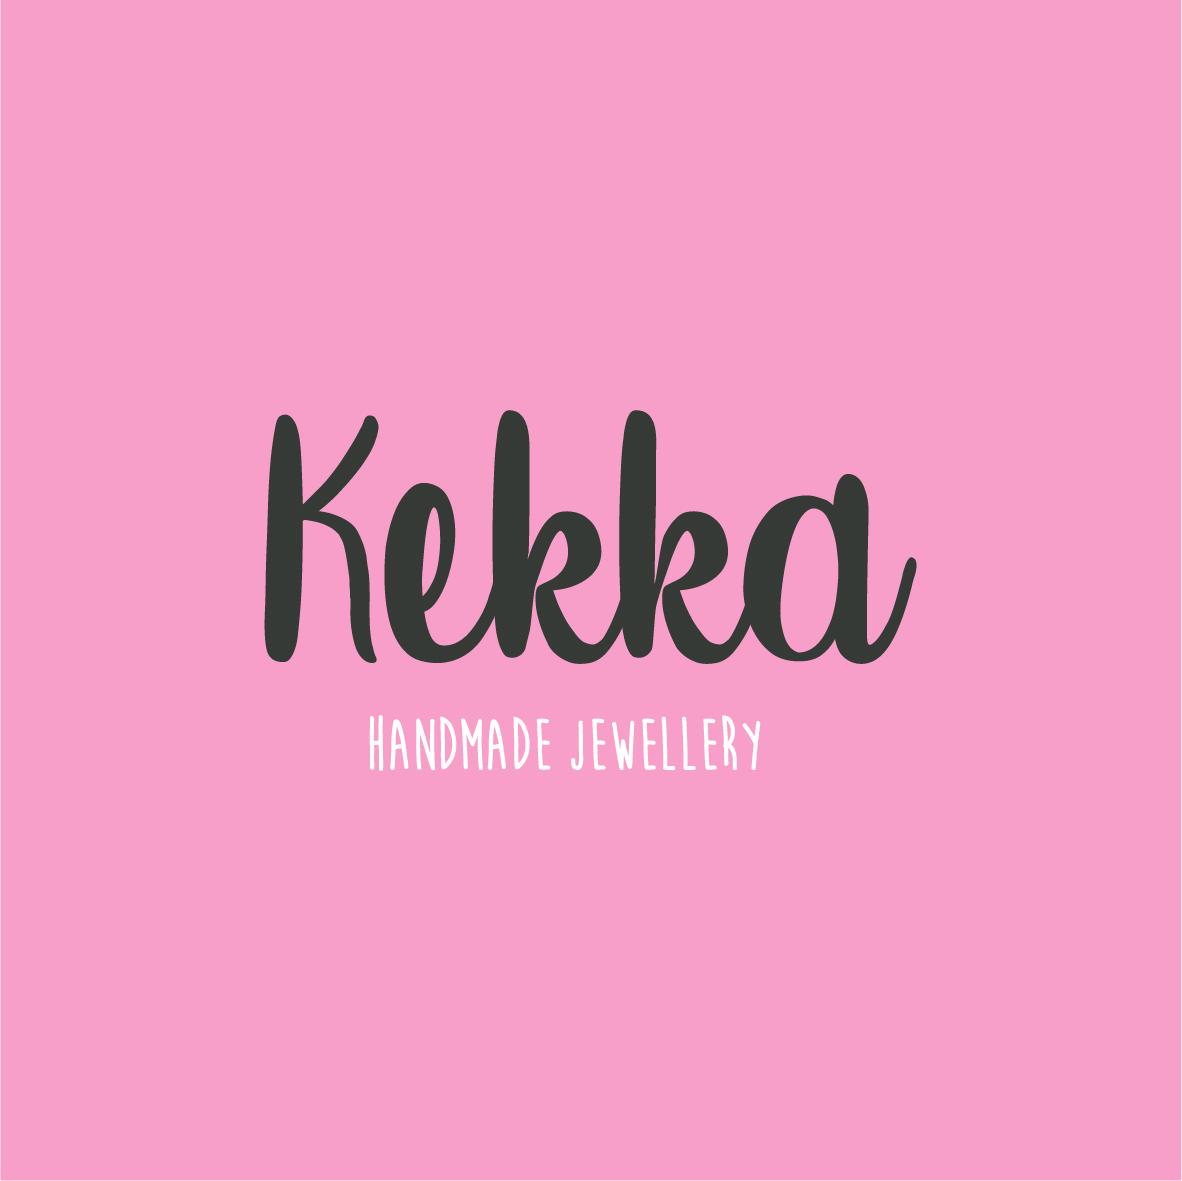 Kekka jewellery